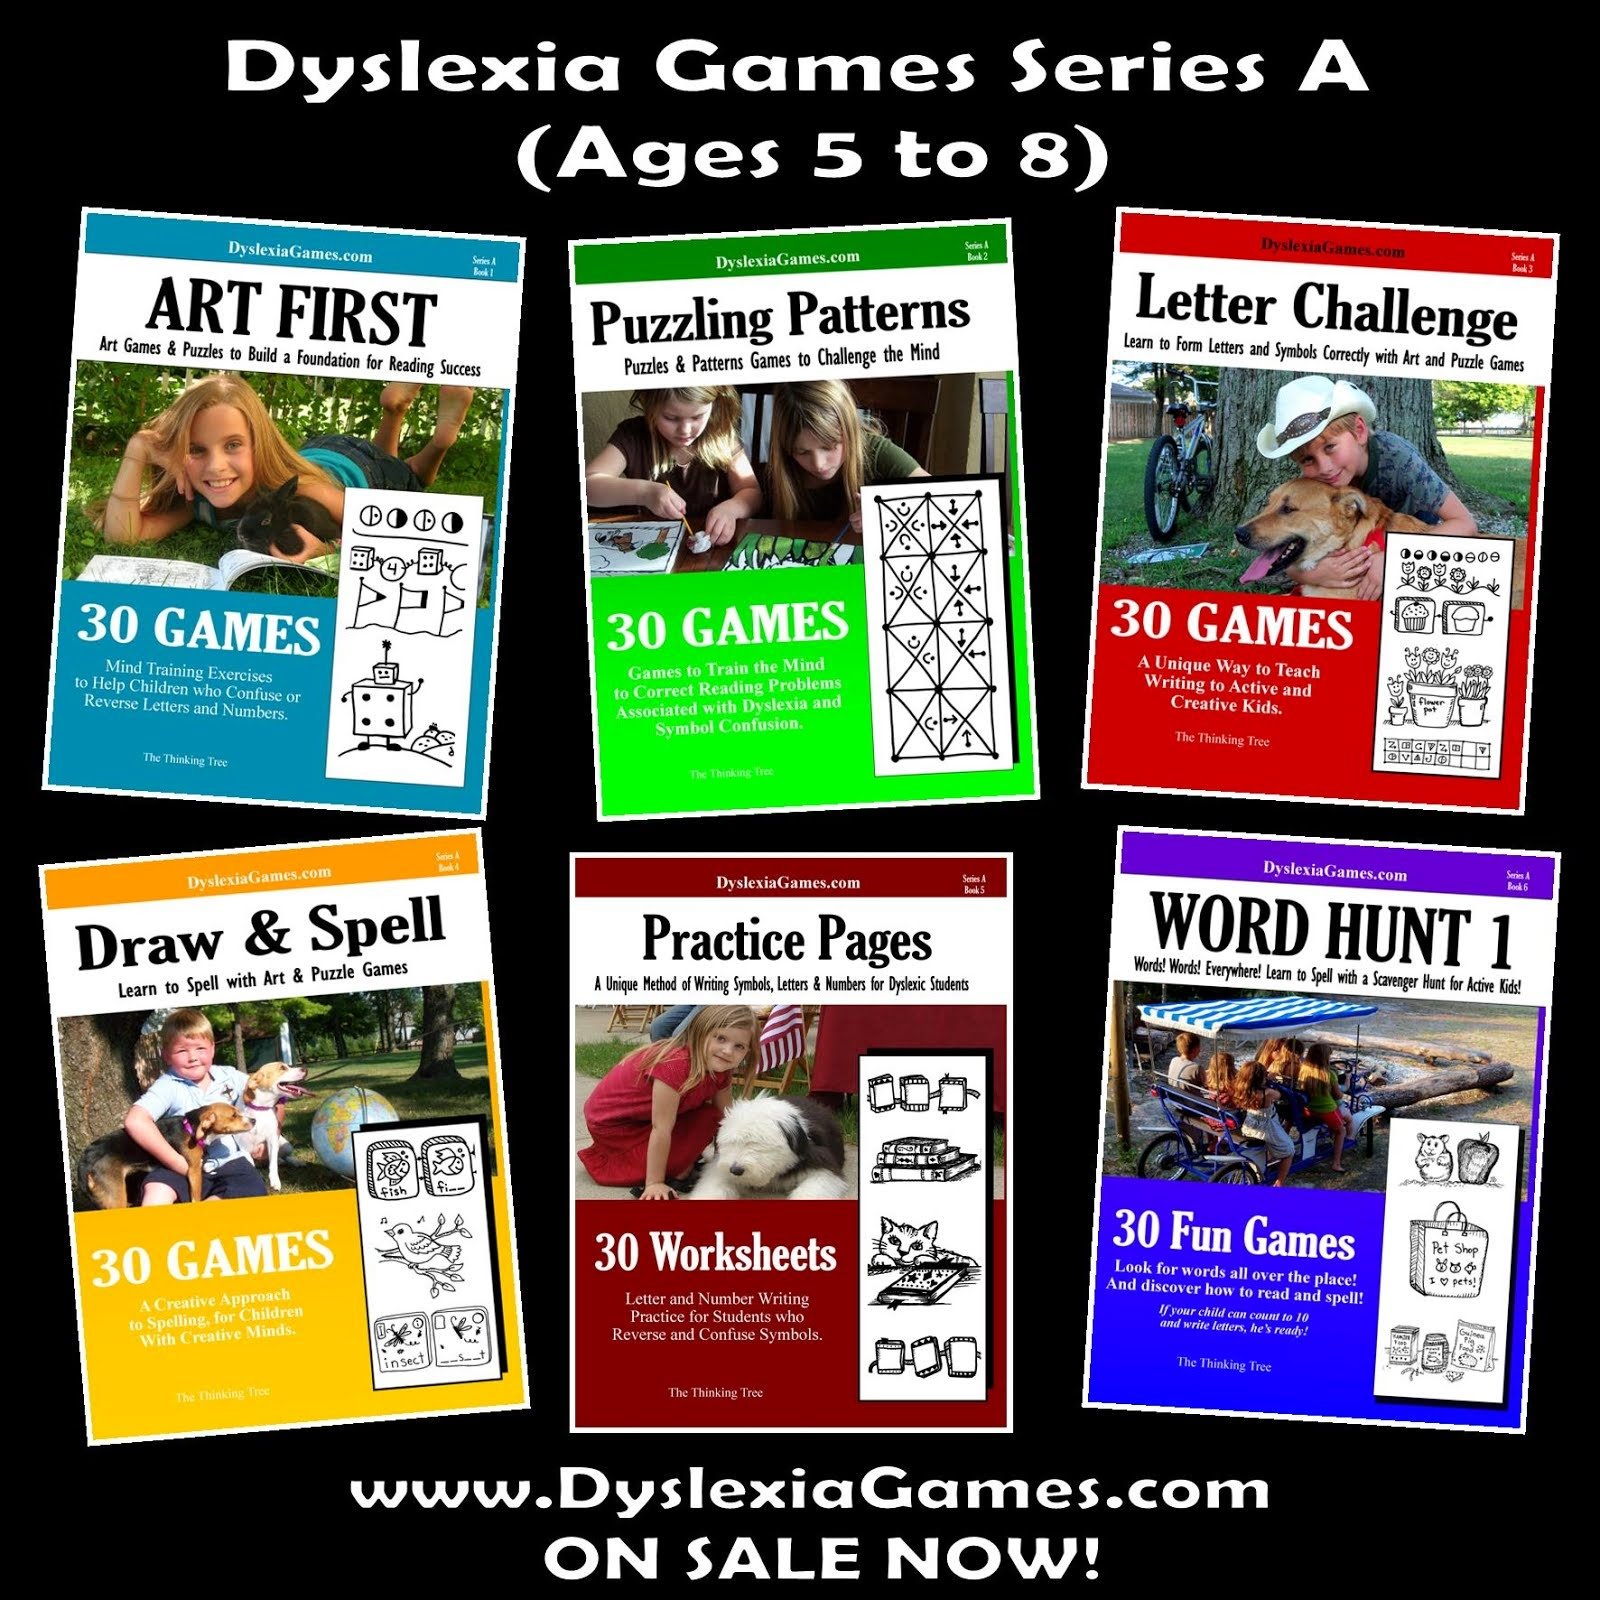 Dyslexia Games